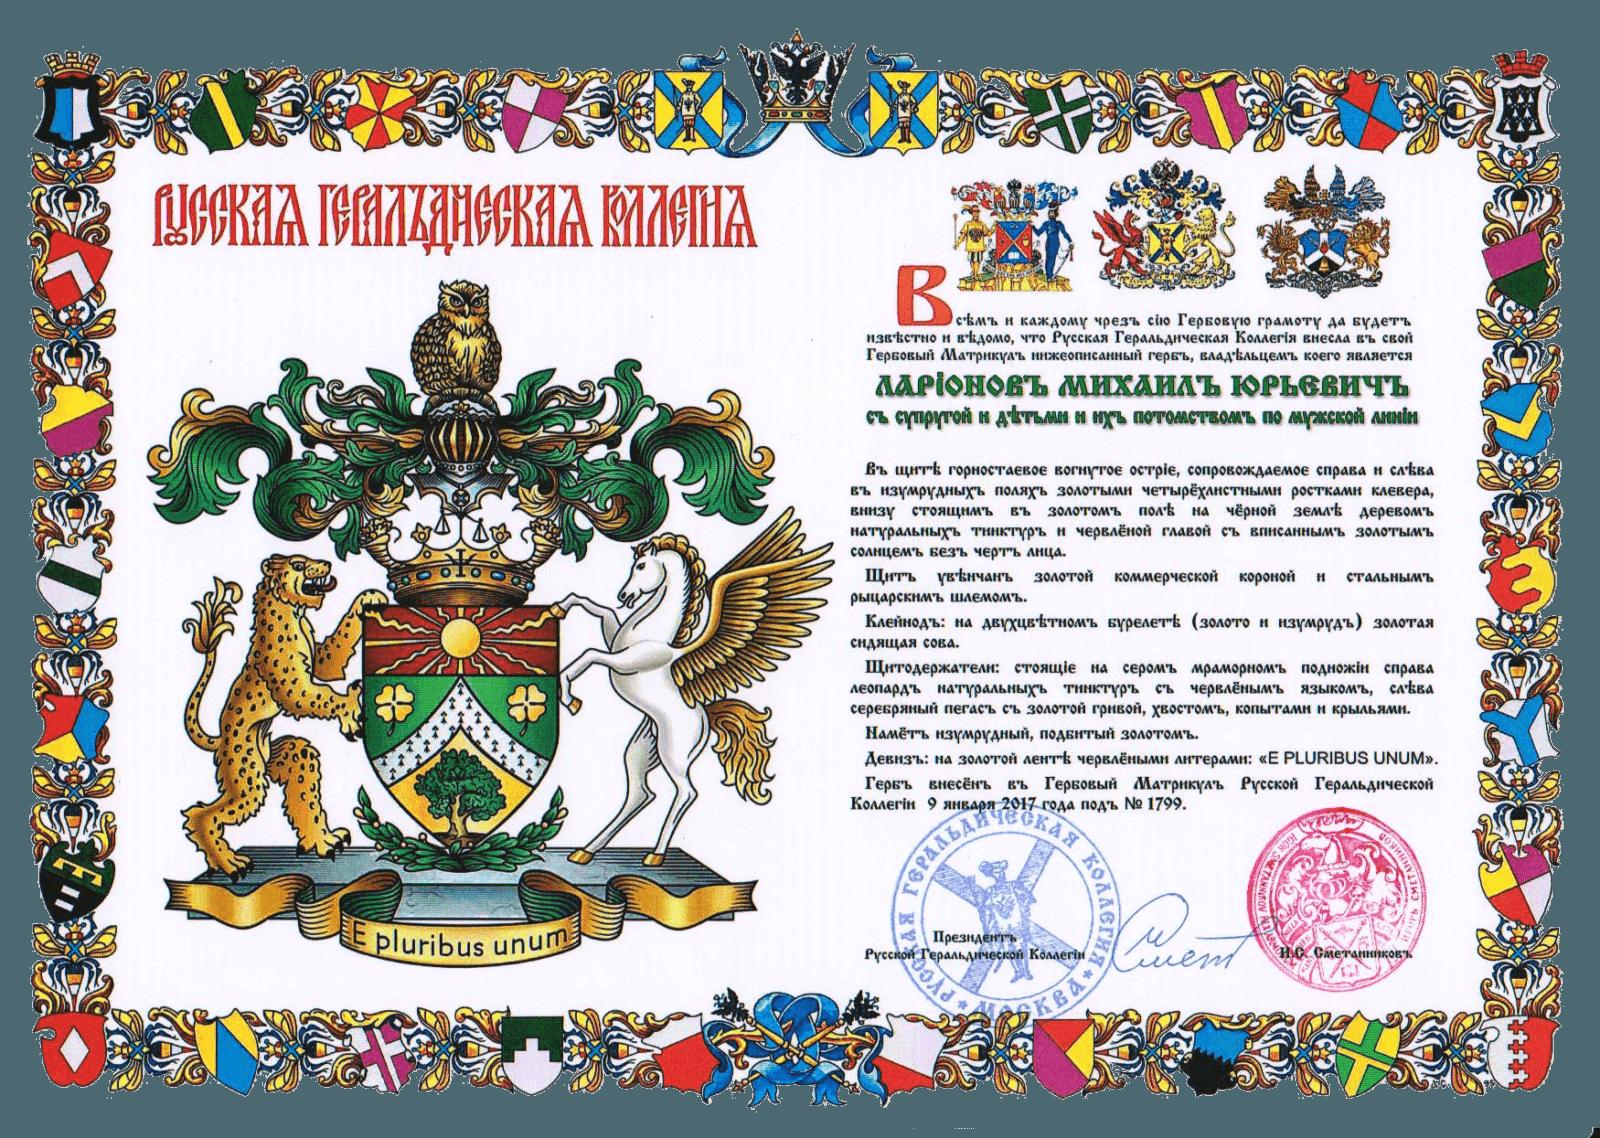 Ларионов Михаил Юрьевич